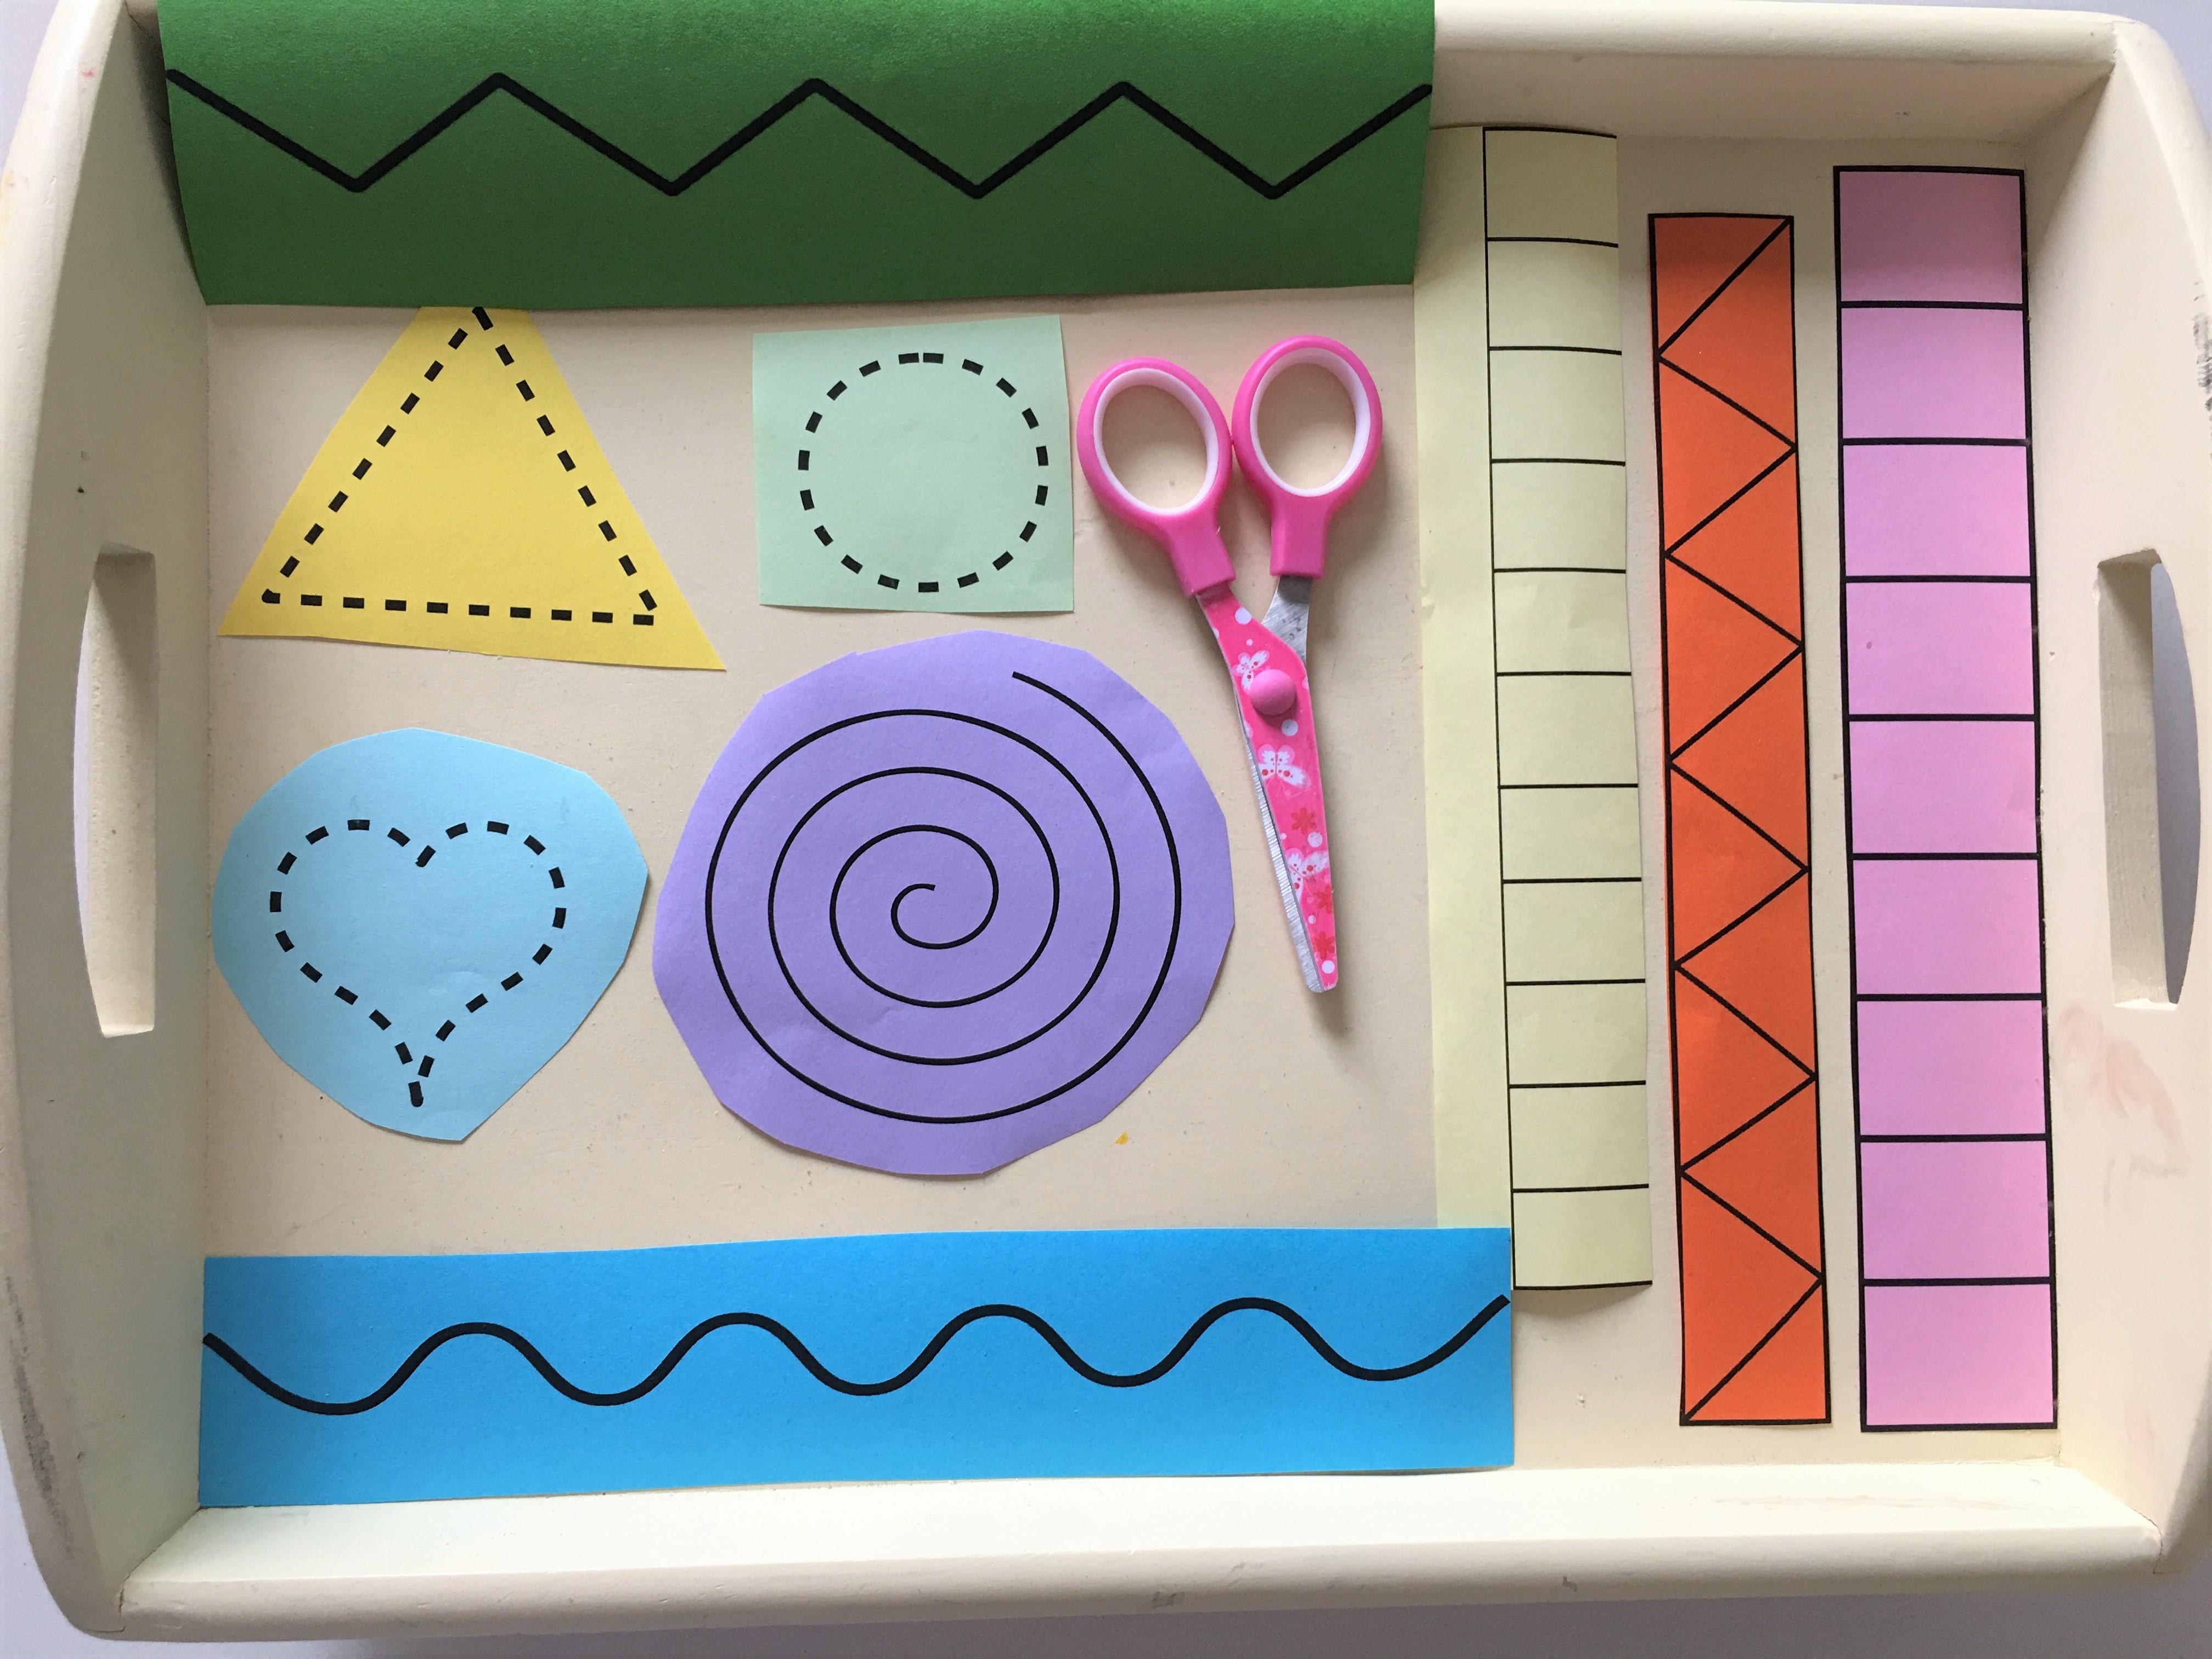 montessori übung schere papier vorschule